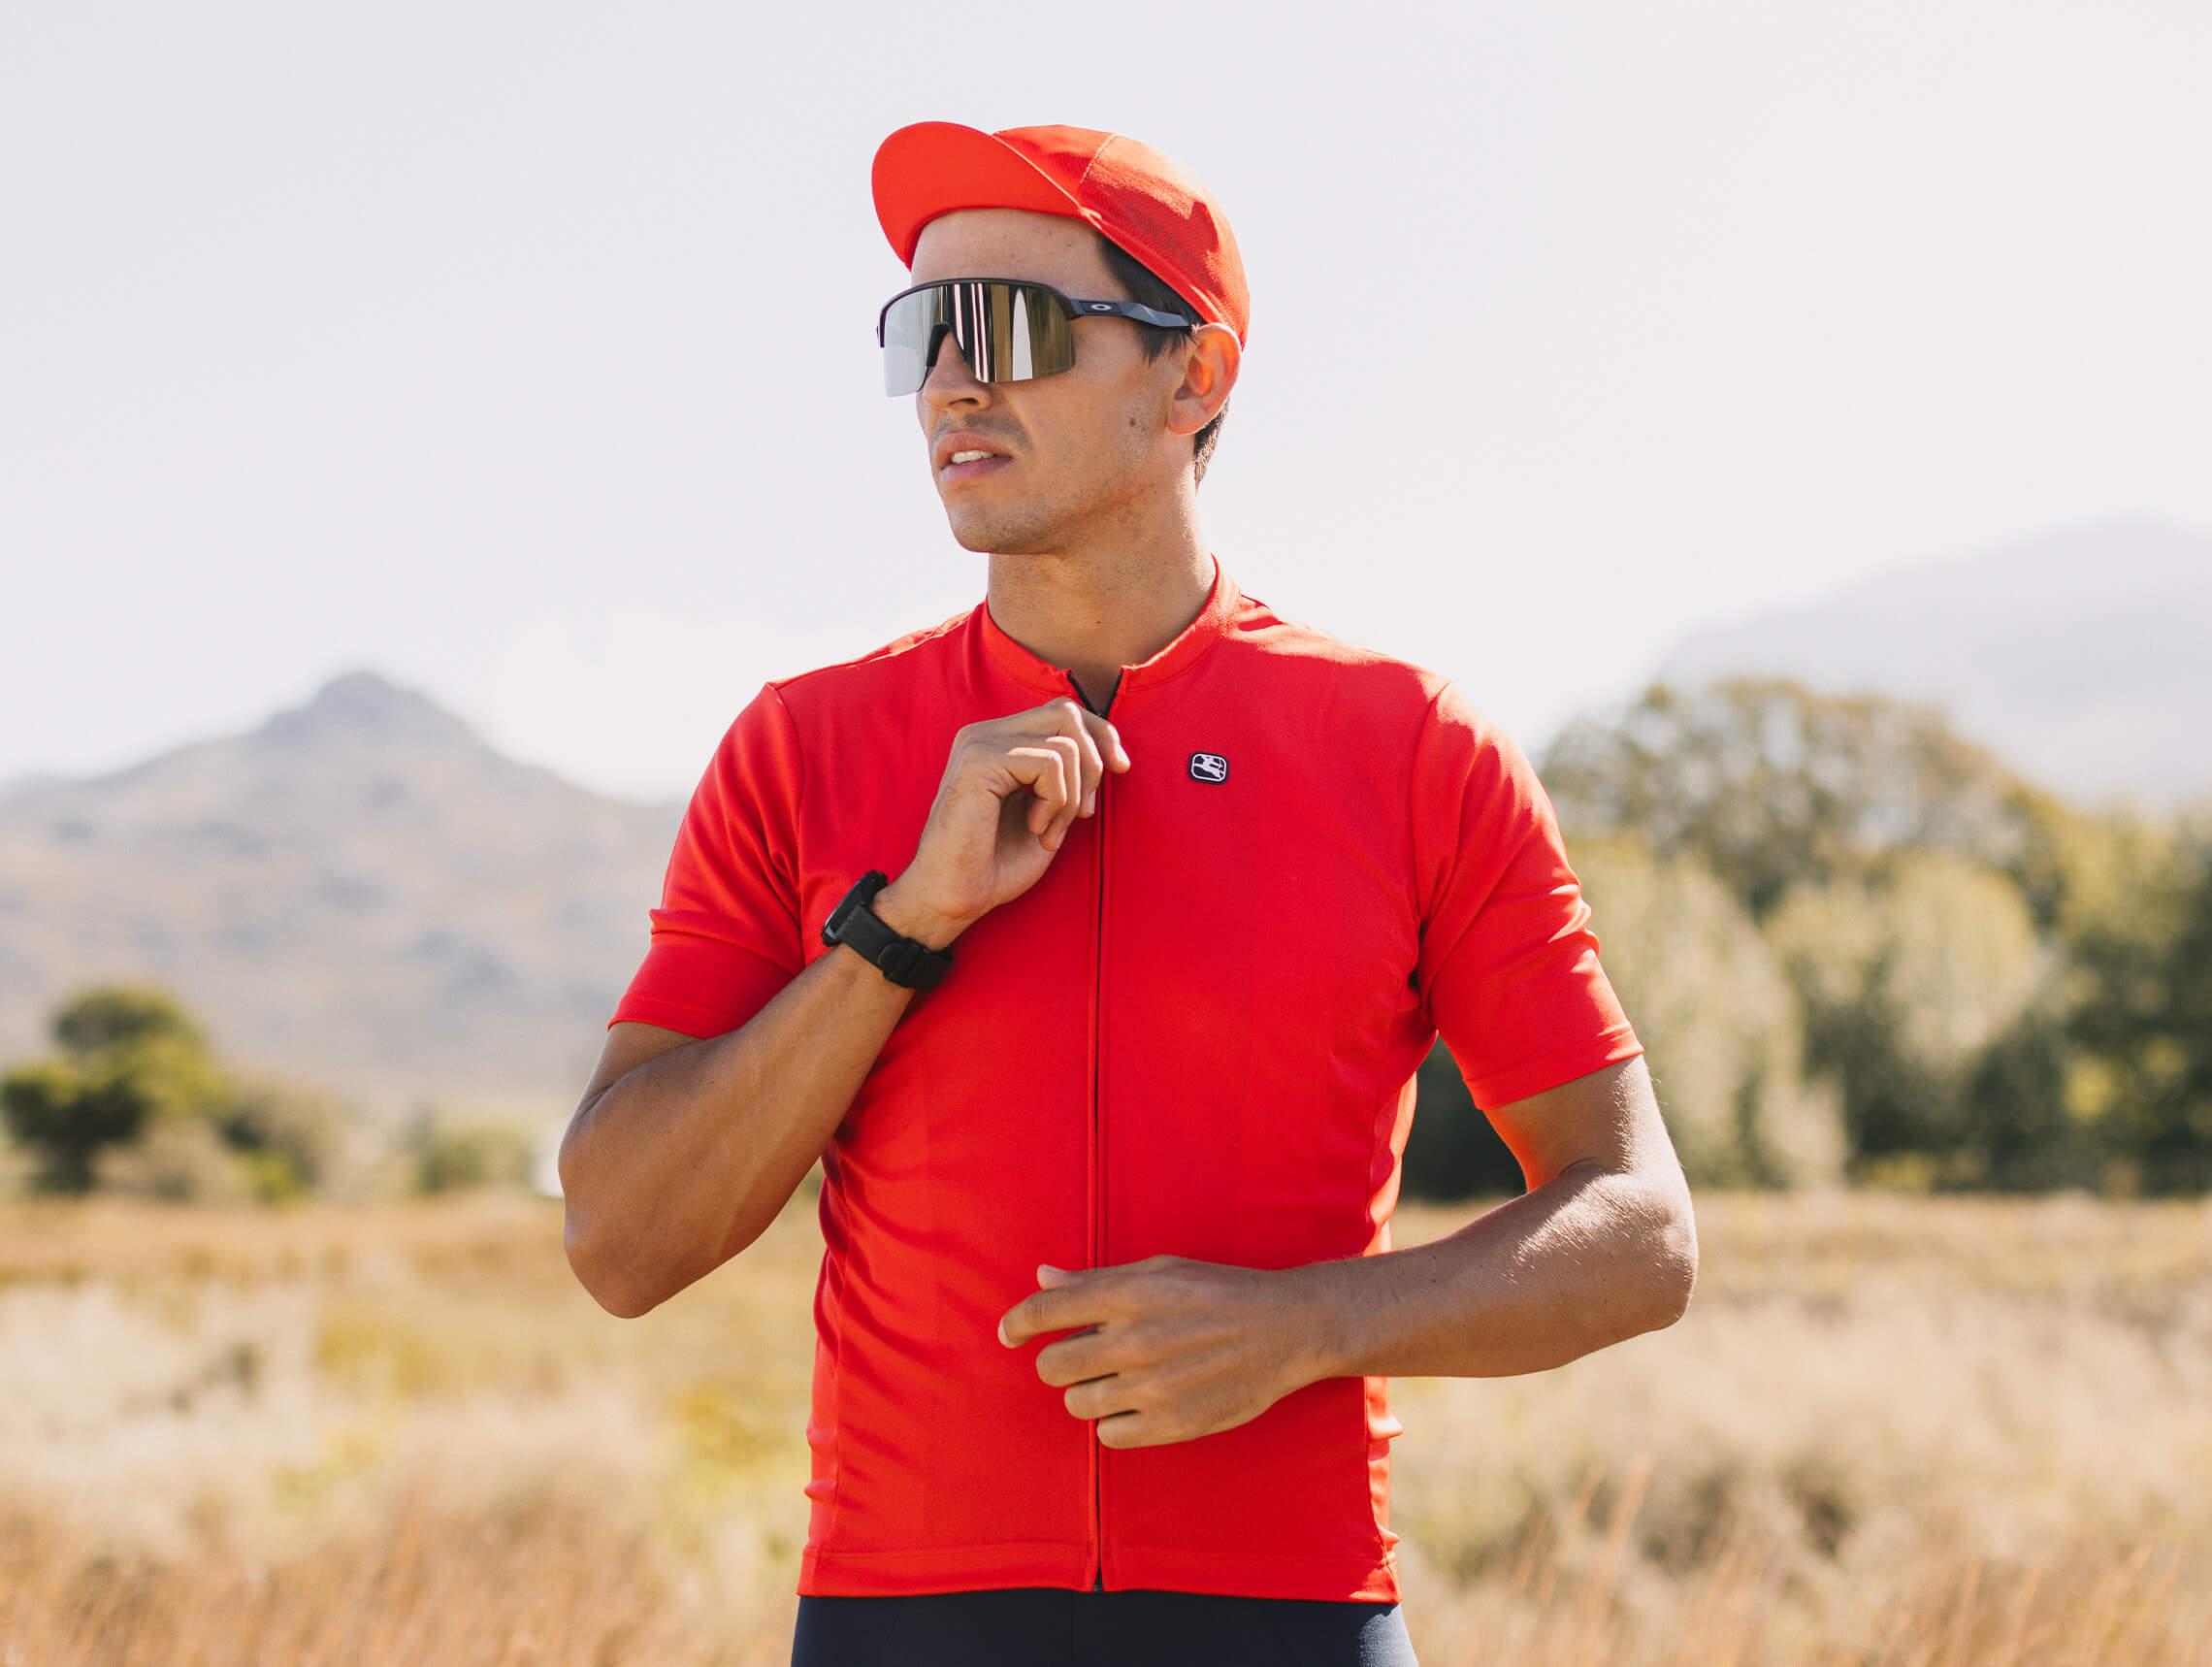 giordana-cycling-ss21-jersey-guide-men-fusion-1